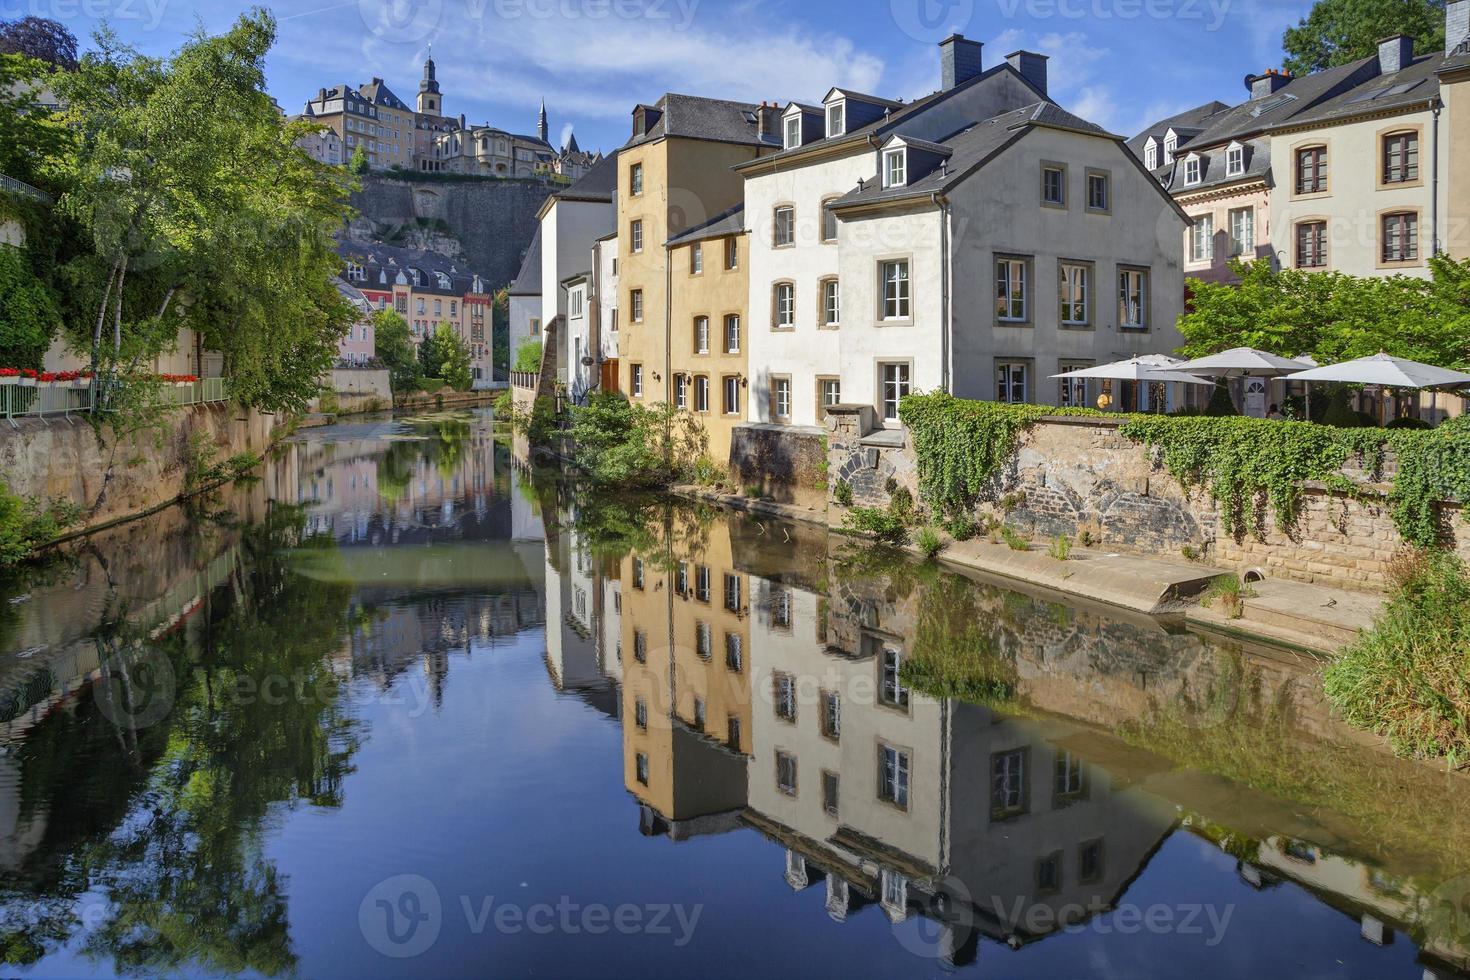 casas antigas refletindo o rio alzette foto